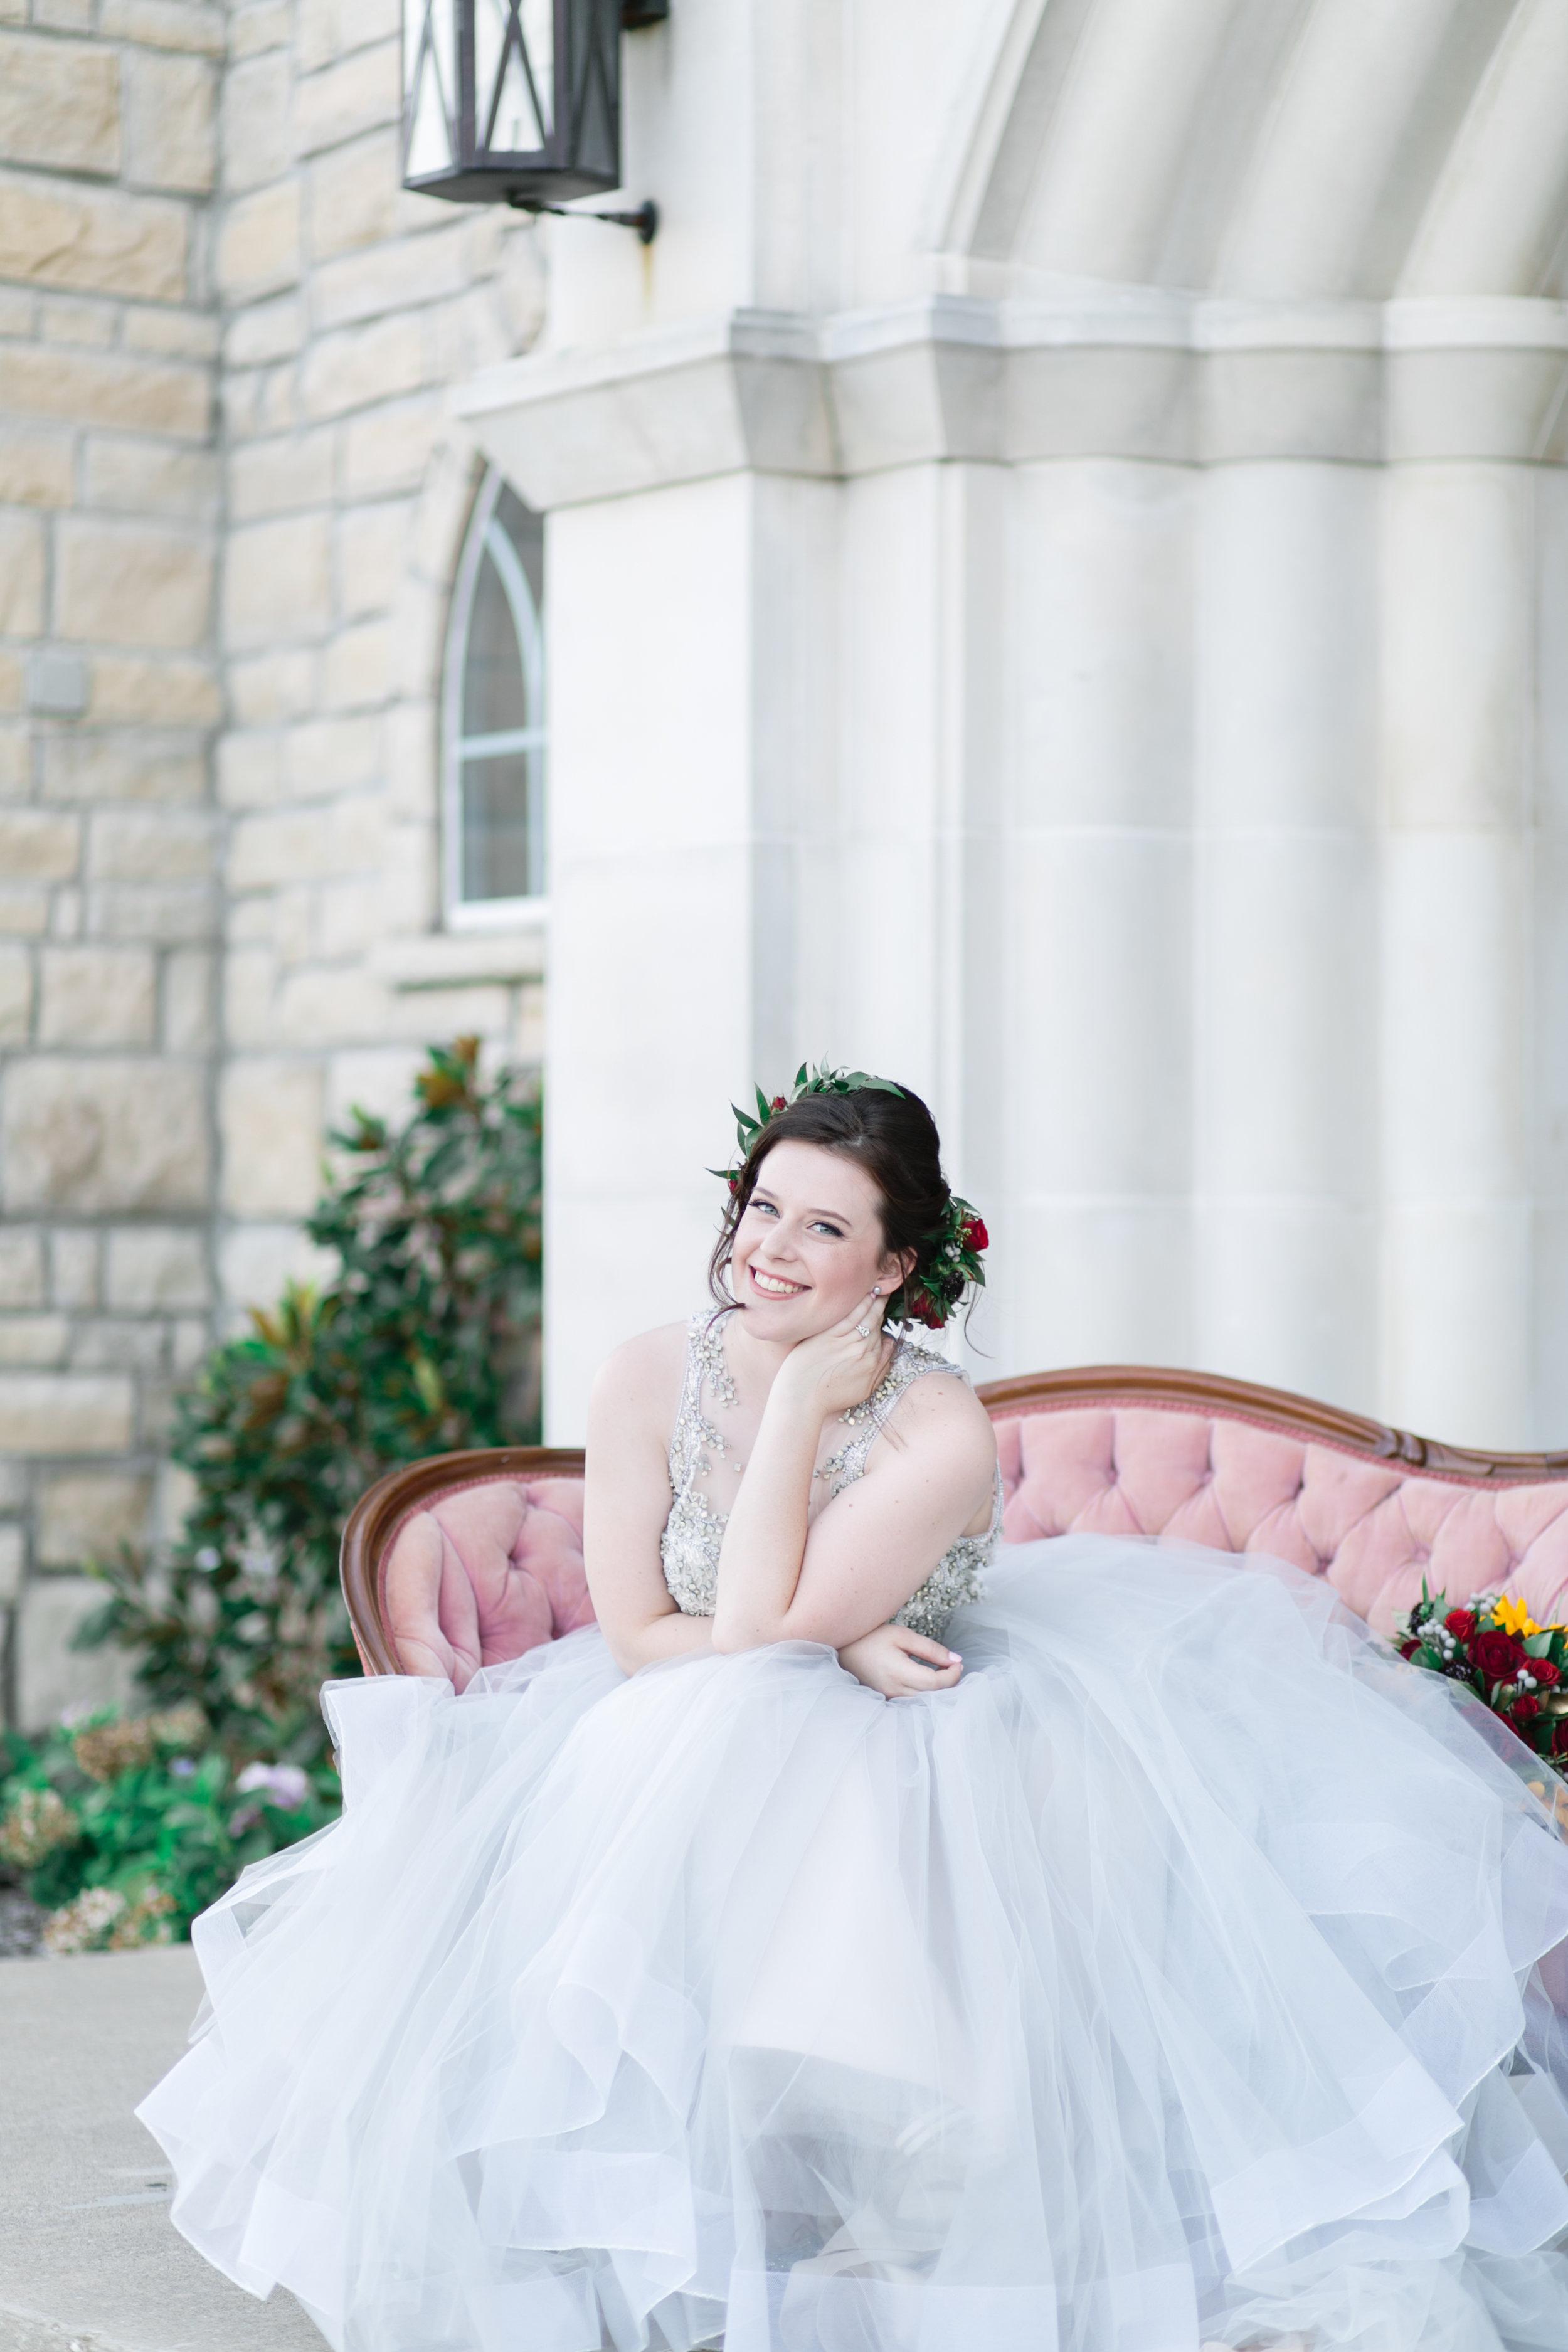 AnnaMarie-bridal-45.JPG